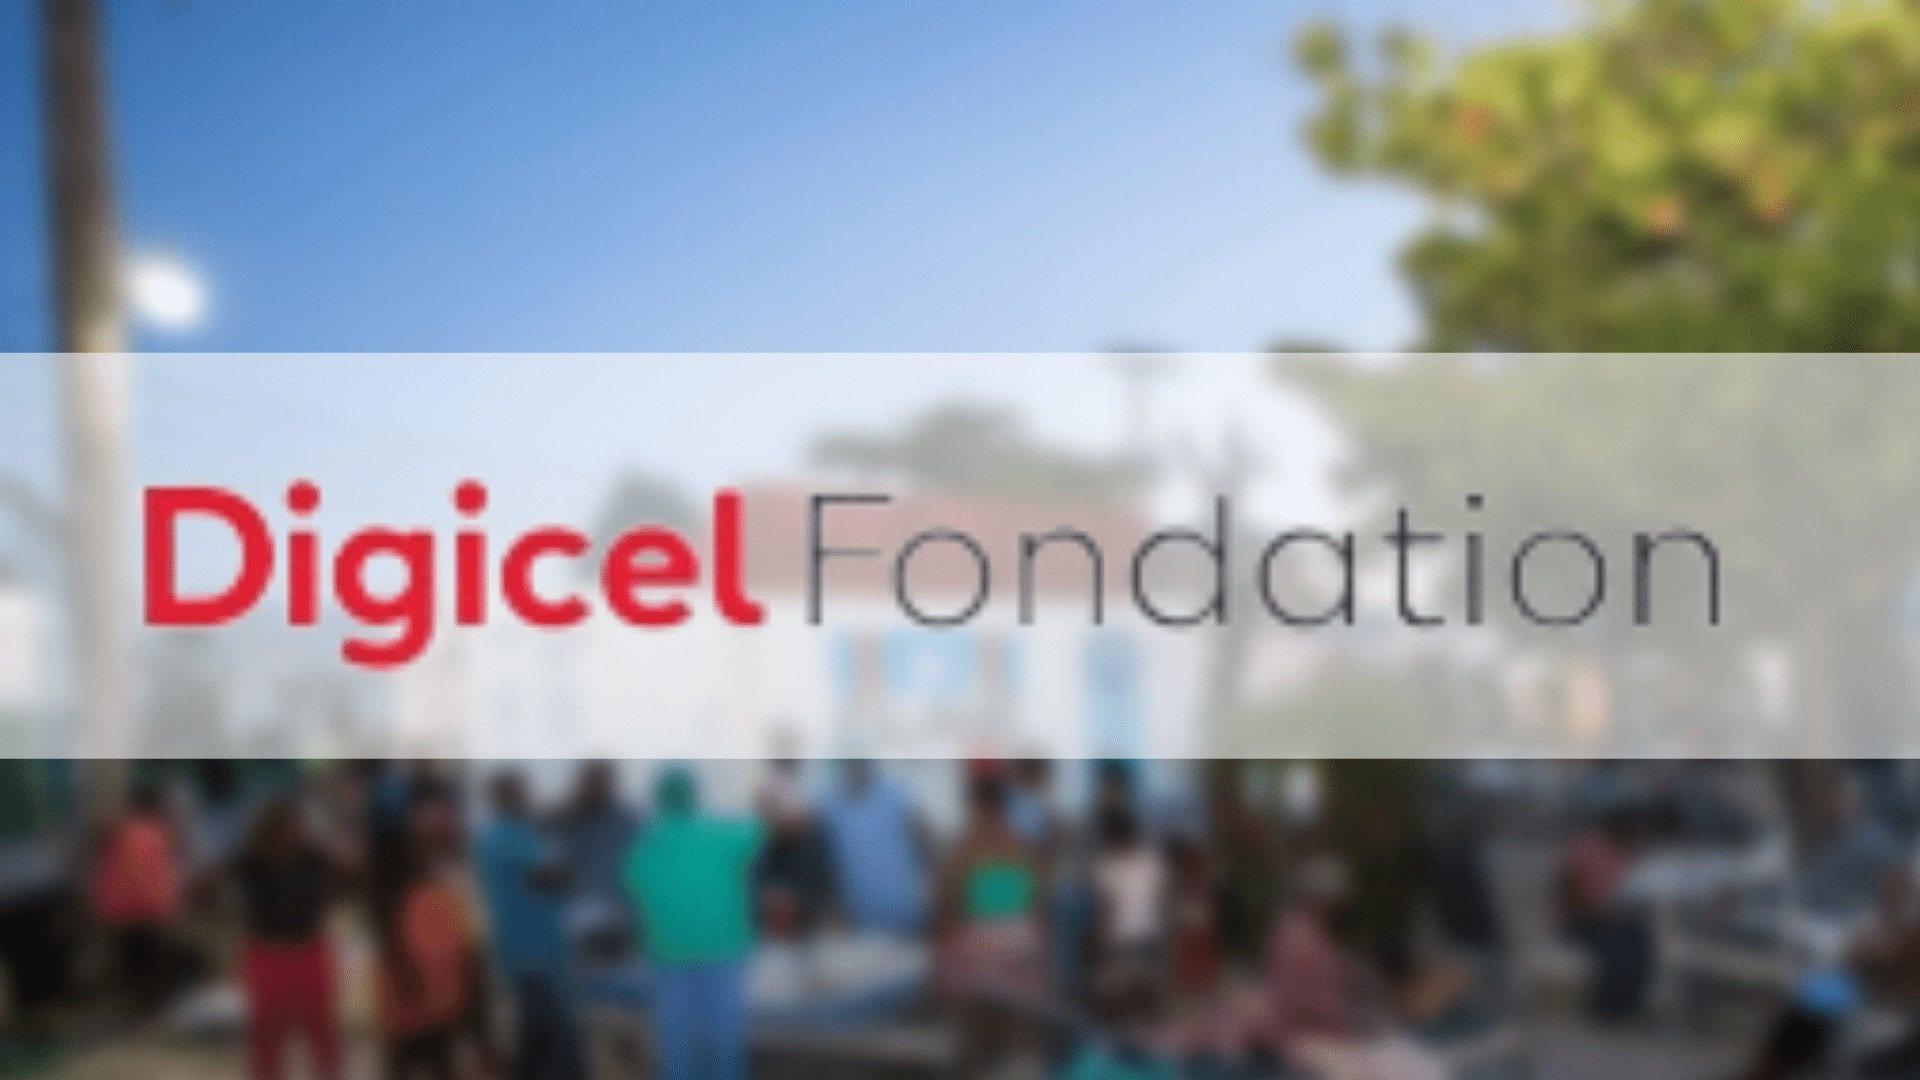 Seisme du 14 août: la Fondation Digicel offre 50 000 dollars US à l'hôpital Saint Boniface